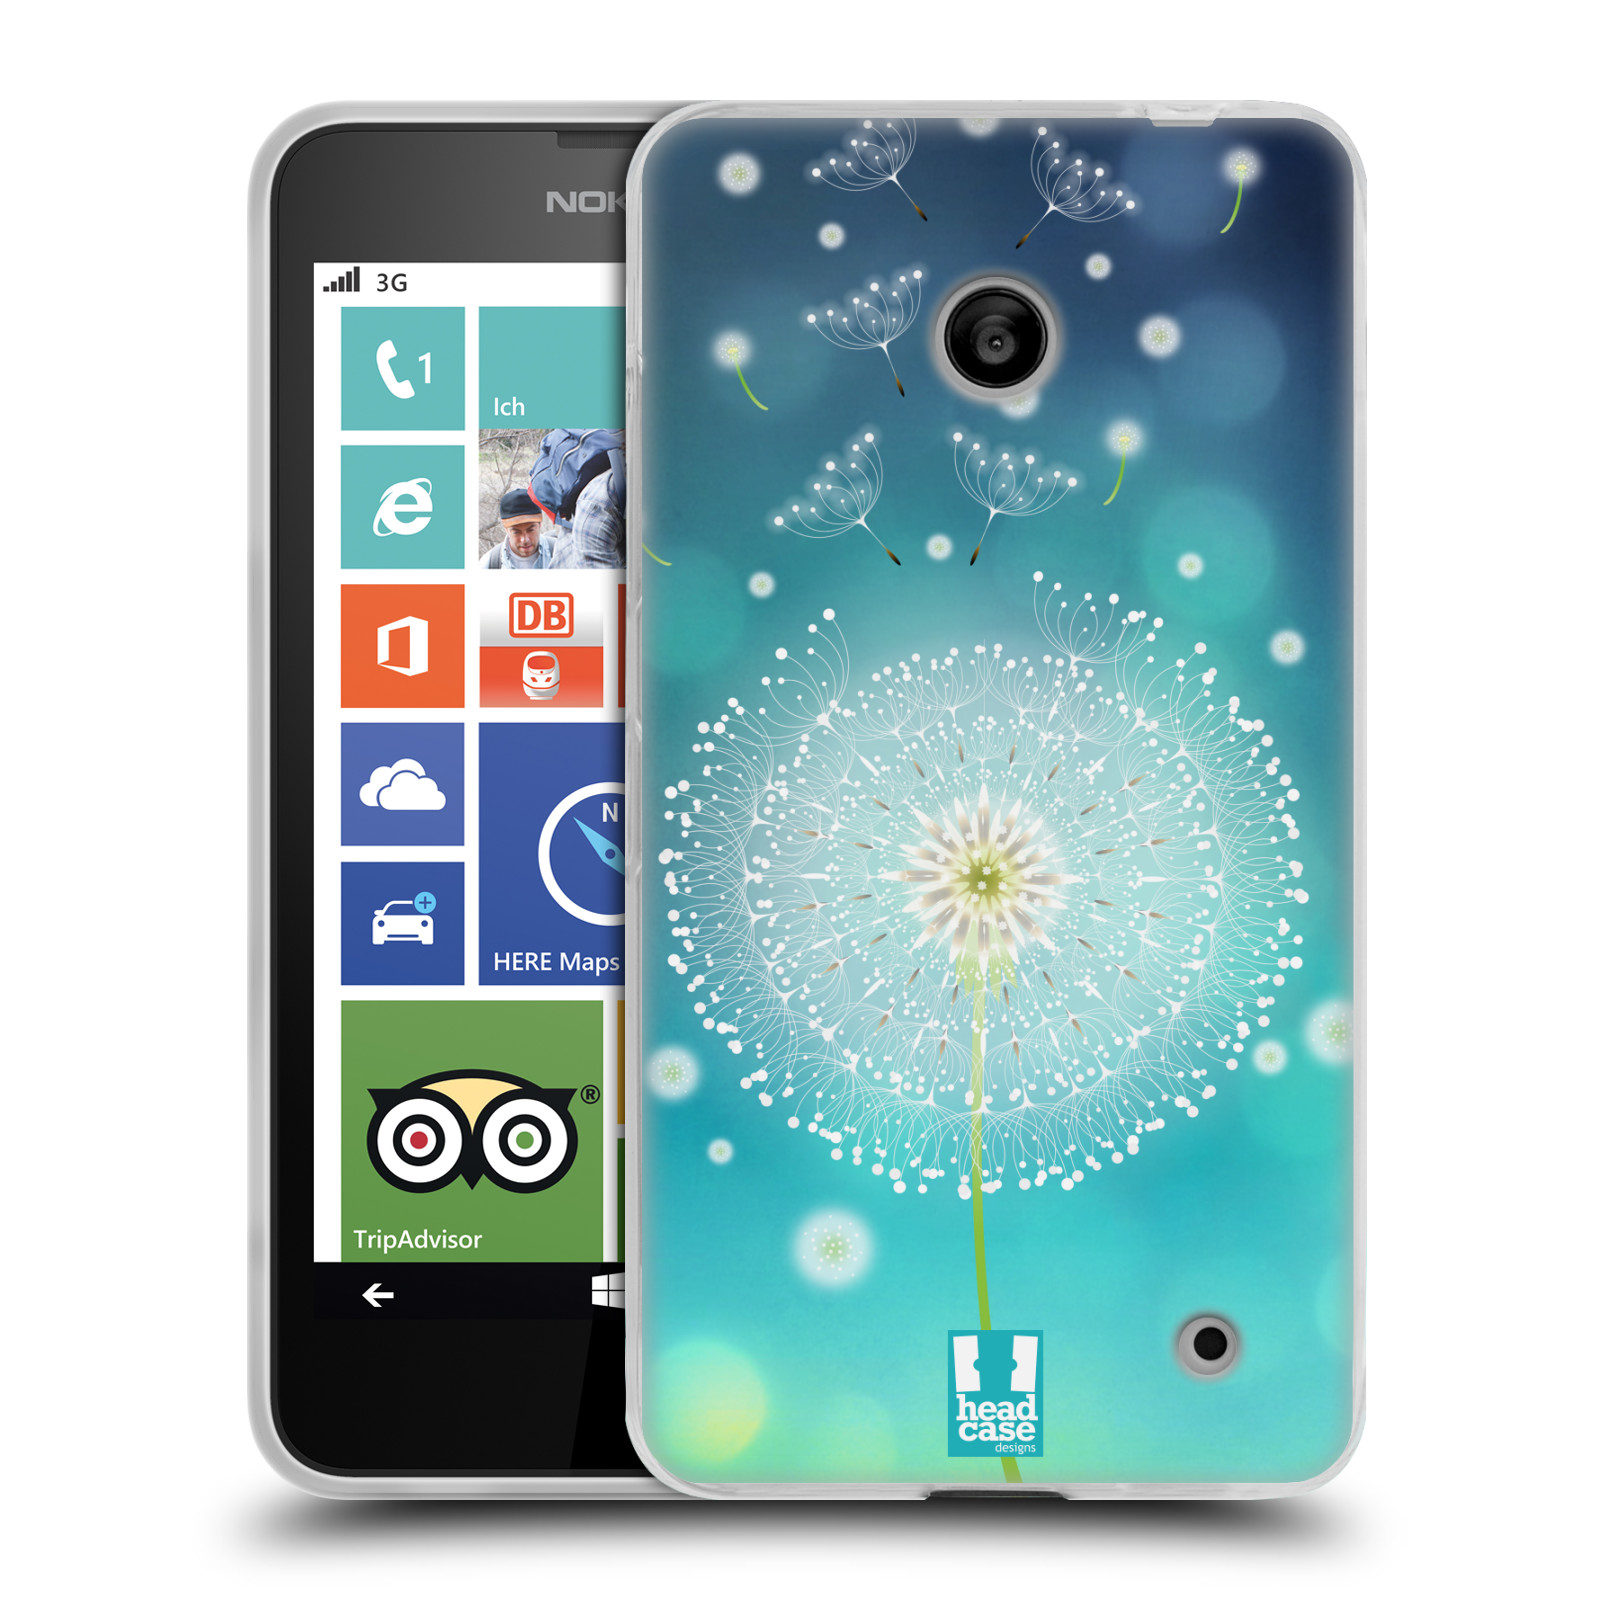 Silikonové pouzdro na mobil Nokia Lumia 630 HEAD CASE Rozlétaná pampeliška (Silikonový kryt či obal na mobilní telefon Nokia Lumia 630 a Nokia Lumia 630 Dual SIM)